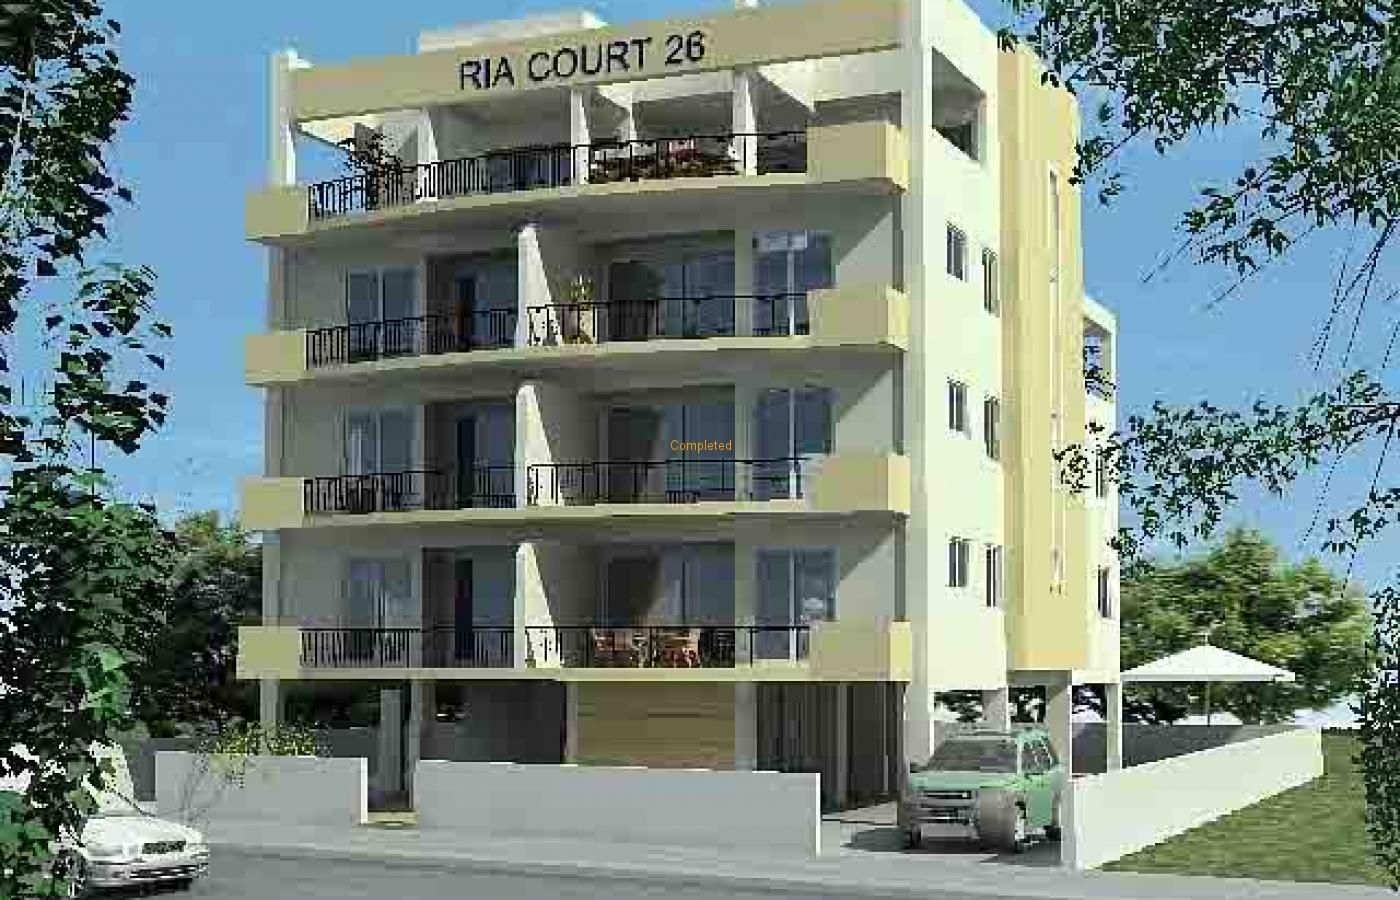 Ria Court 26